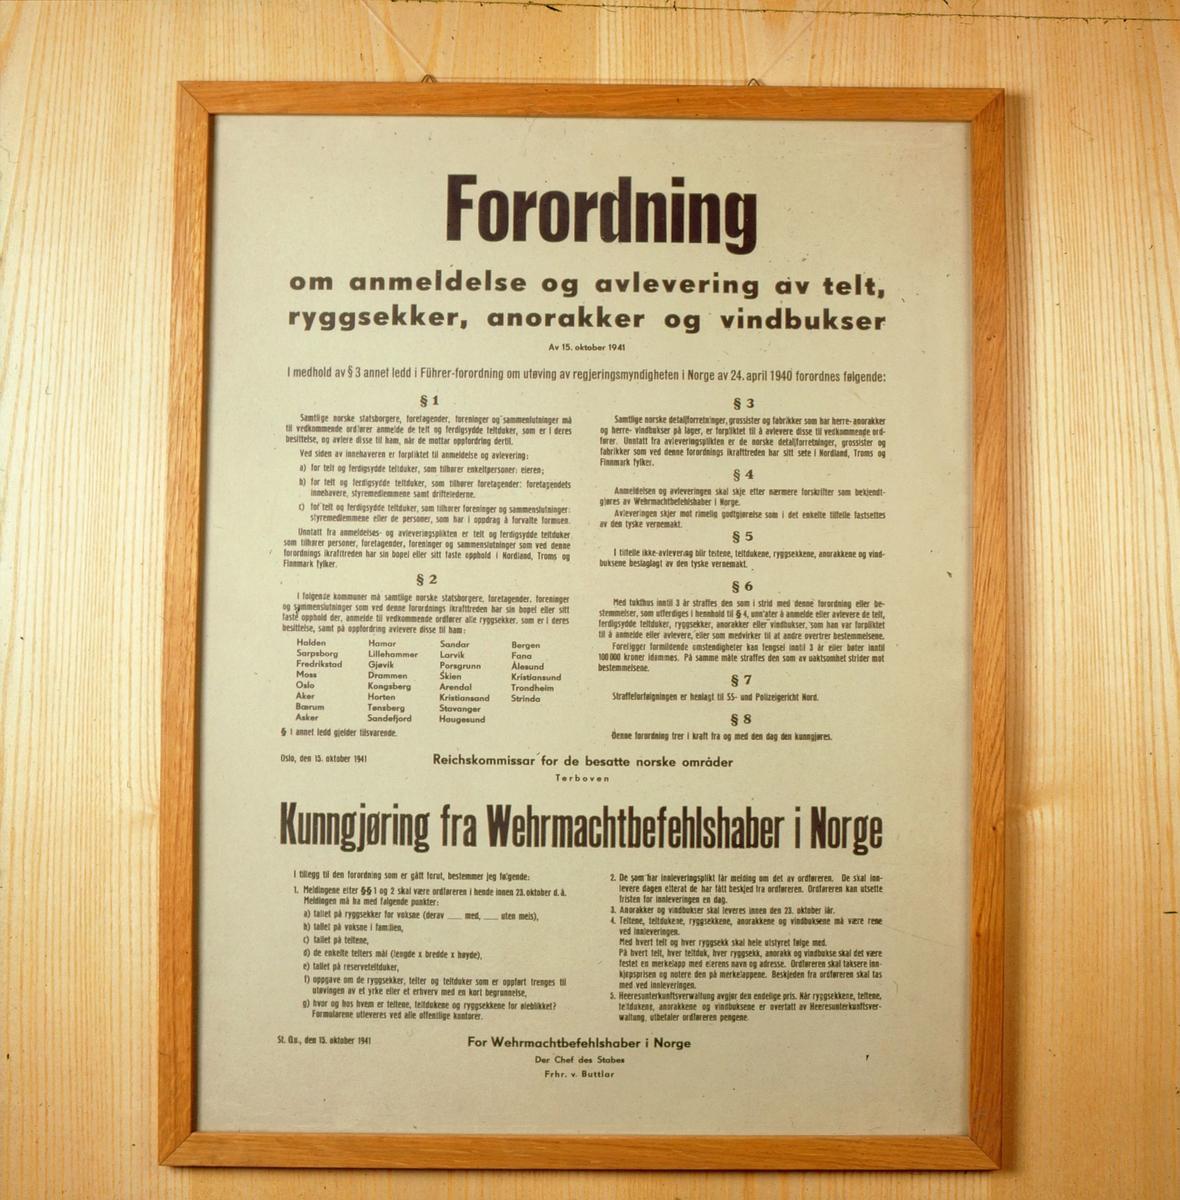 postmuseet, Kirkegata 20, utstilling, frigjøringsjubileet, 8. mai 1995, plakat, forordning om anmeldelse og avlevering av telt, ryggsekker, anorakker og vindbukser, kunngjøring for Wehrmachtbefehlshaber i Norge